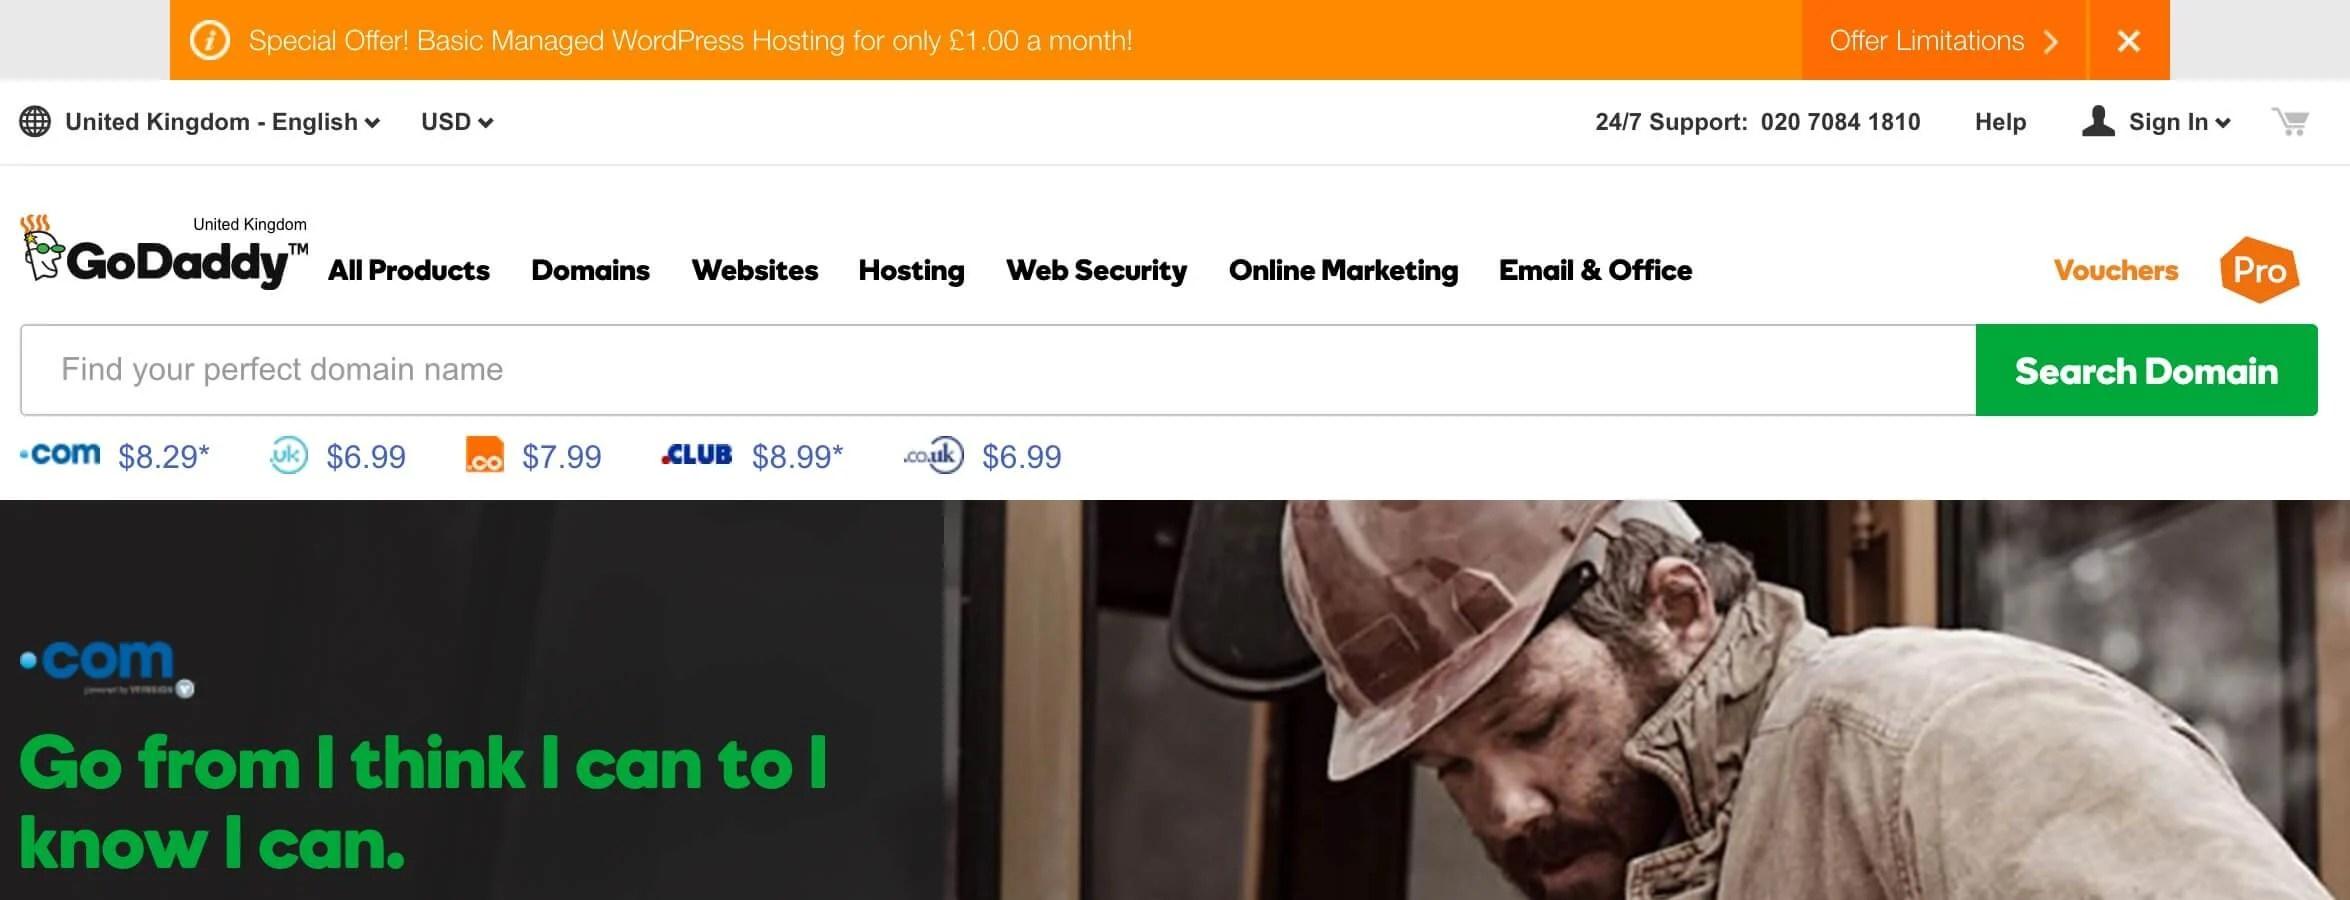 Godaddy Managed WordPress Hosting Sale